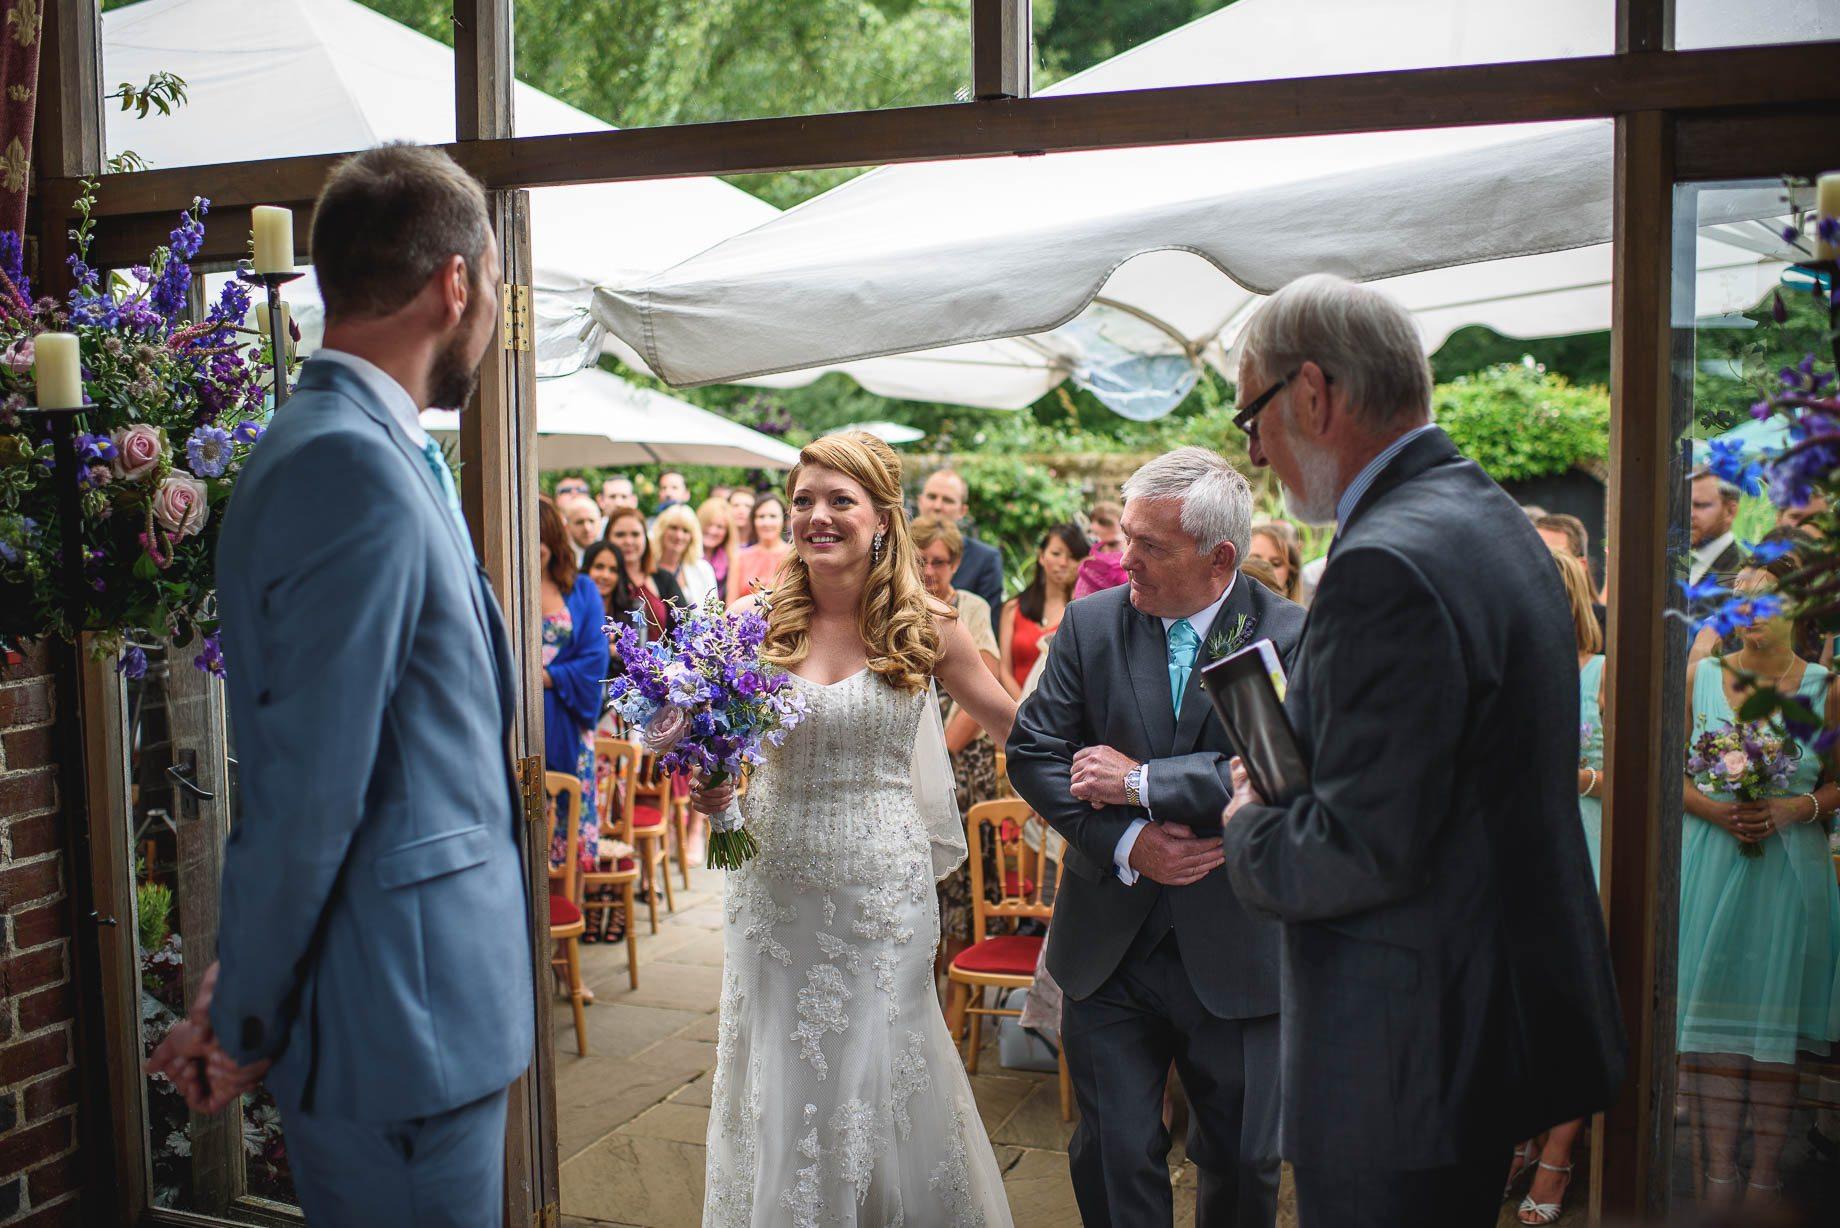 Bartholomew Barns wedding photography - Louise and Spencer (43 of 151)